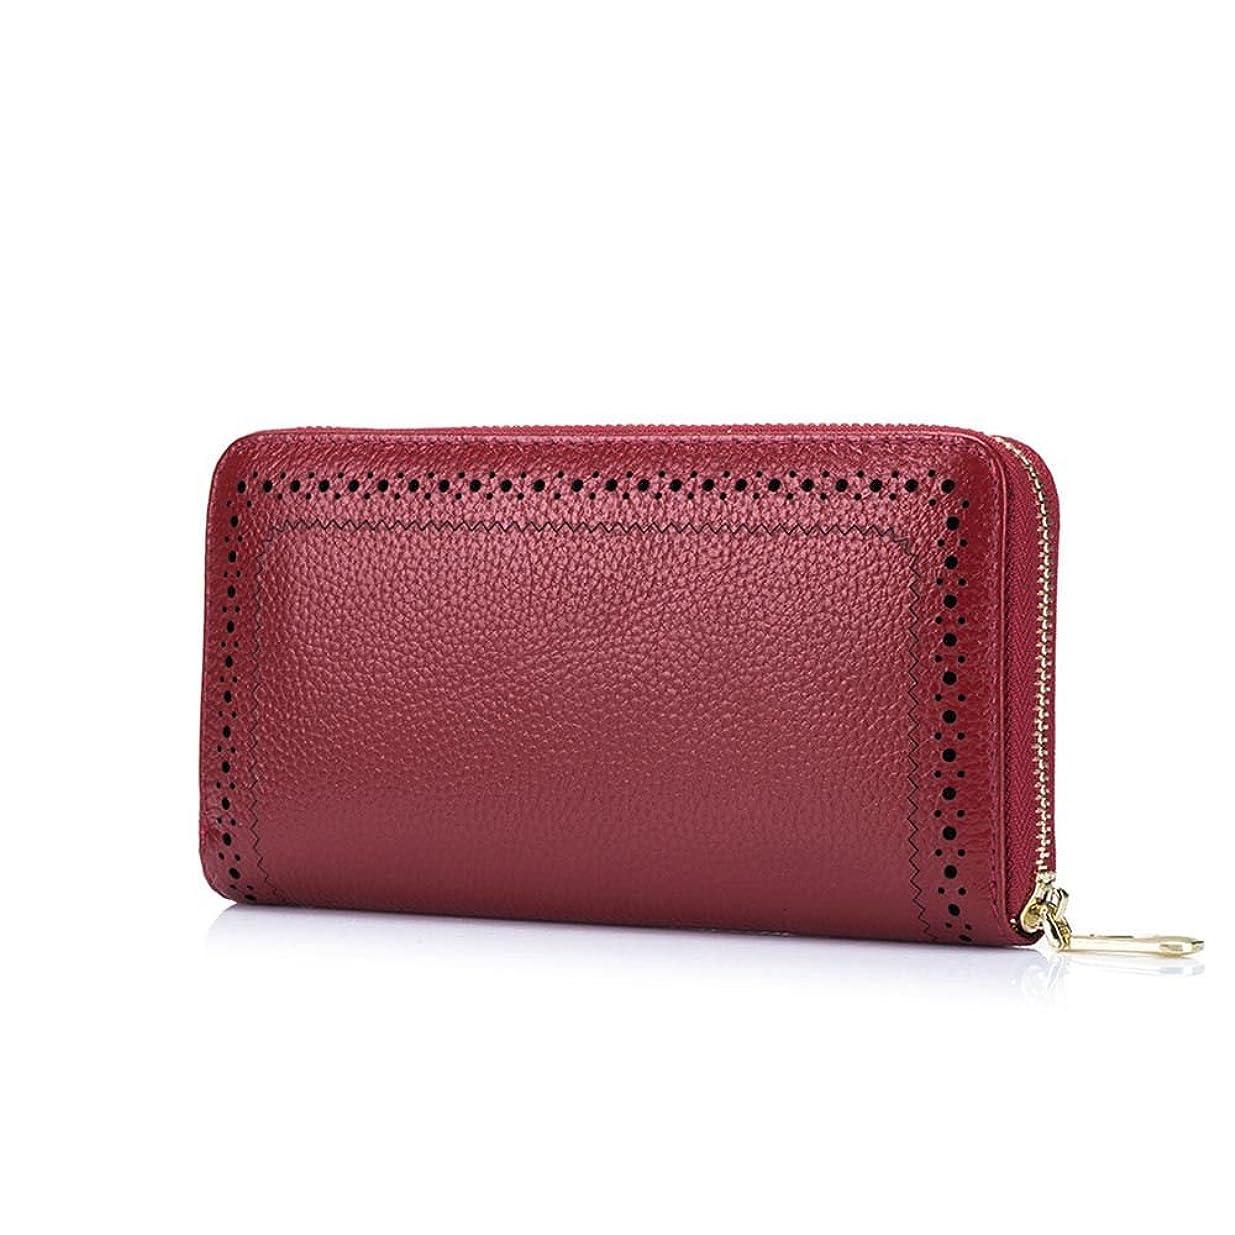 ブランド名長さブルームファッション/レディース/バッグ?財布/財布/Summer Women's Genuine Leather Long Wallet Clutch Card Coin Case Holder Purse